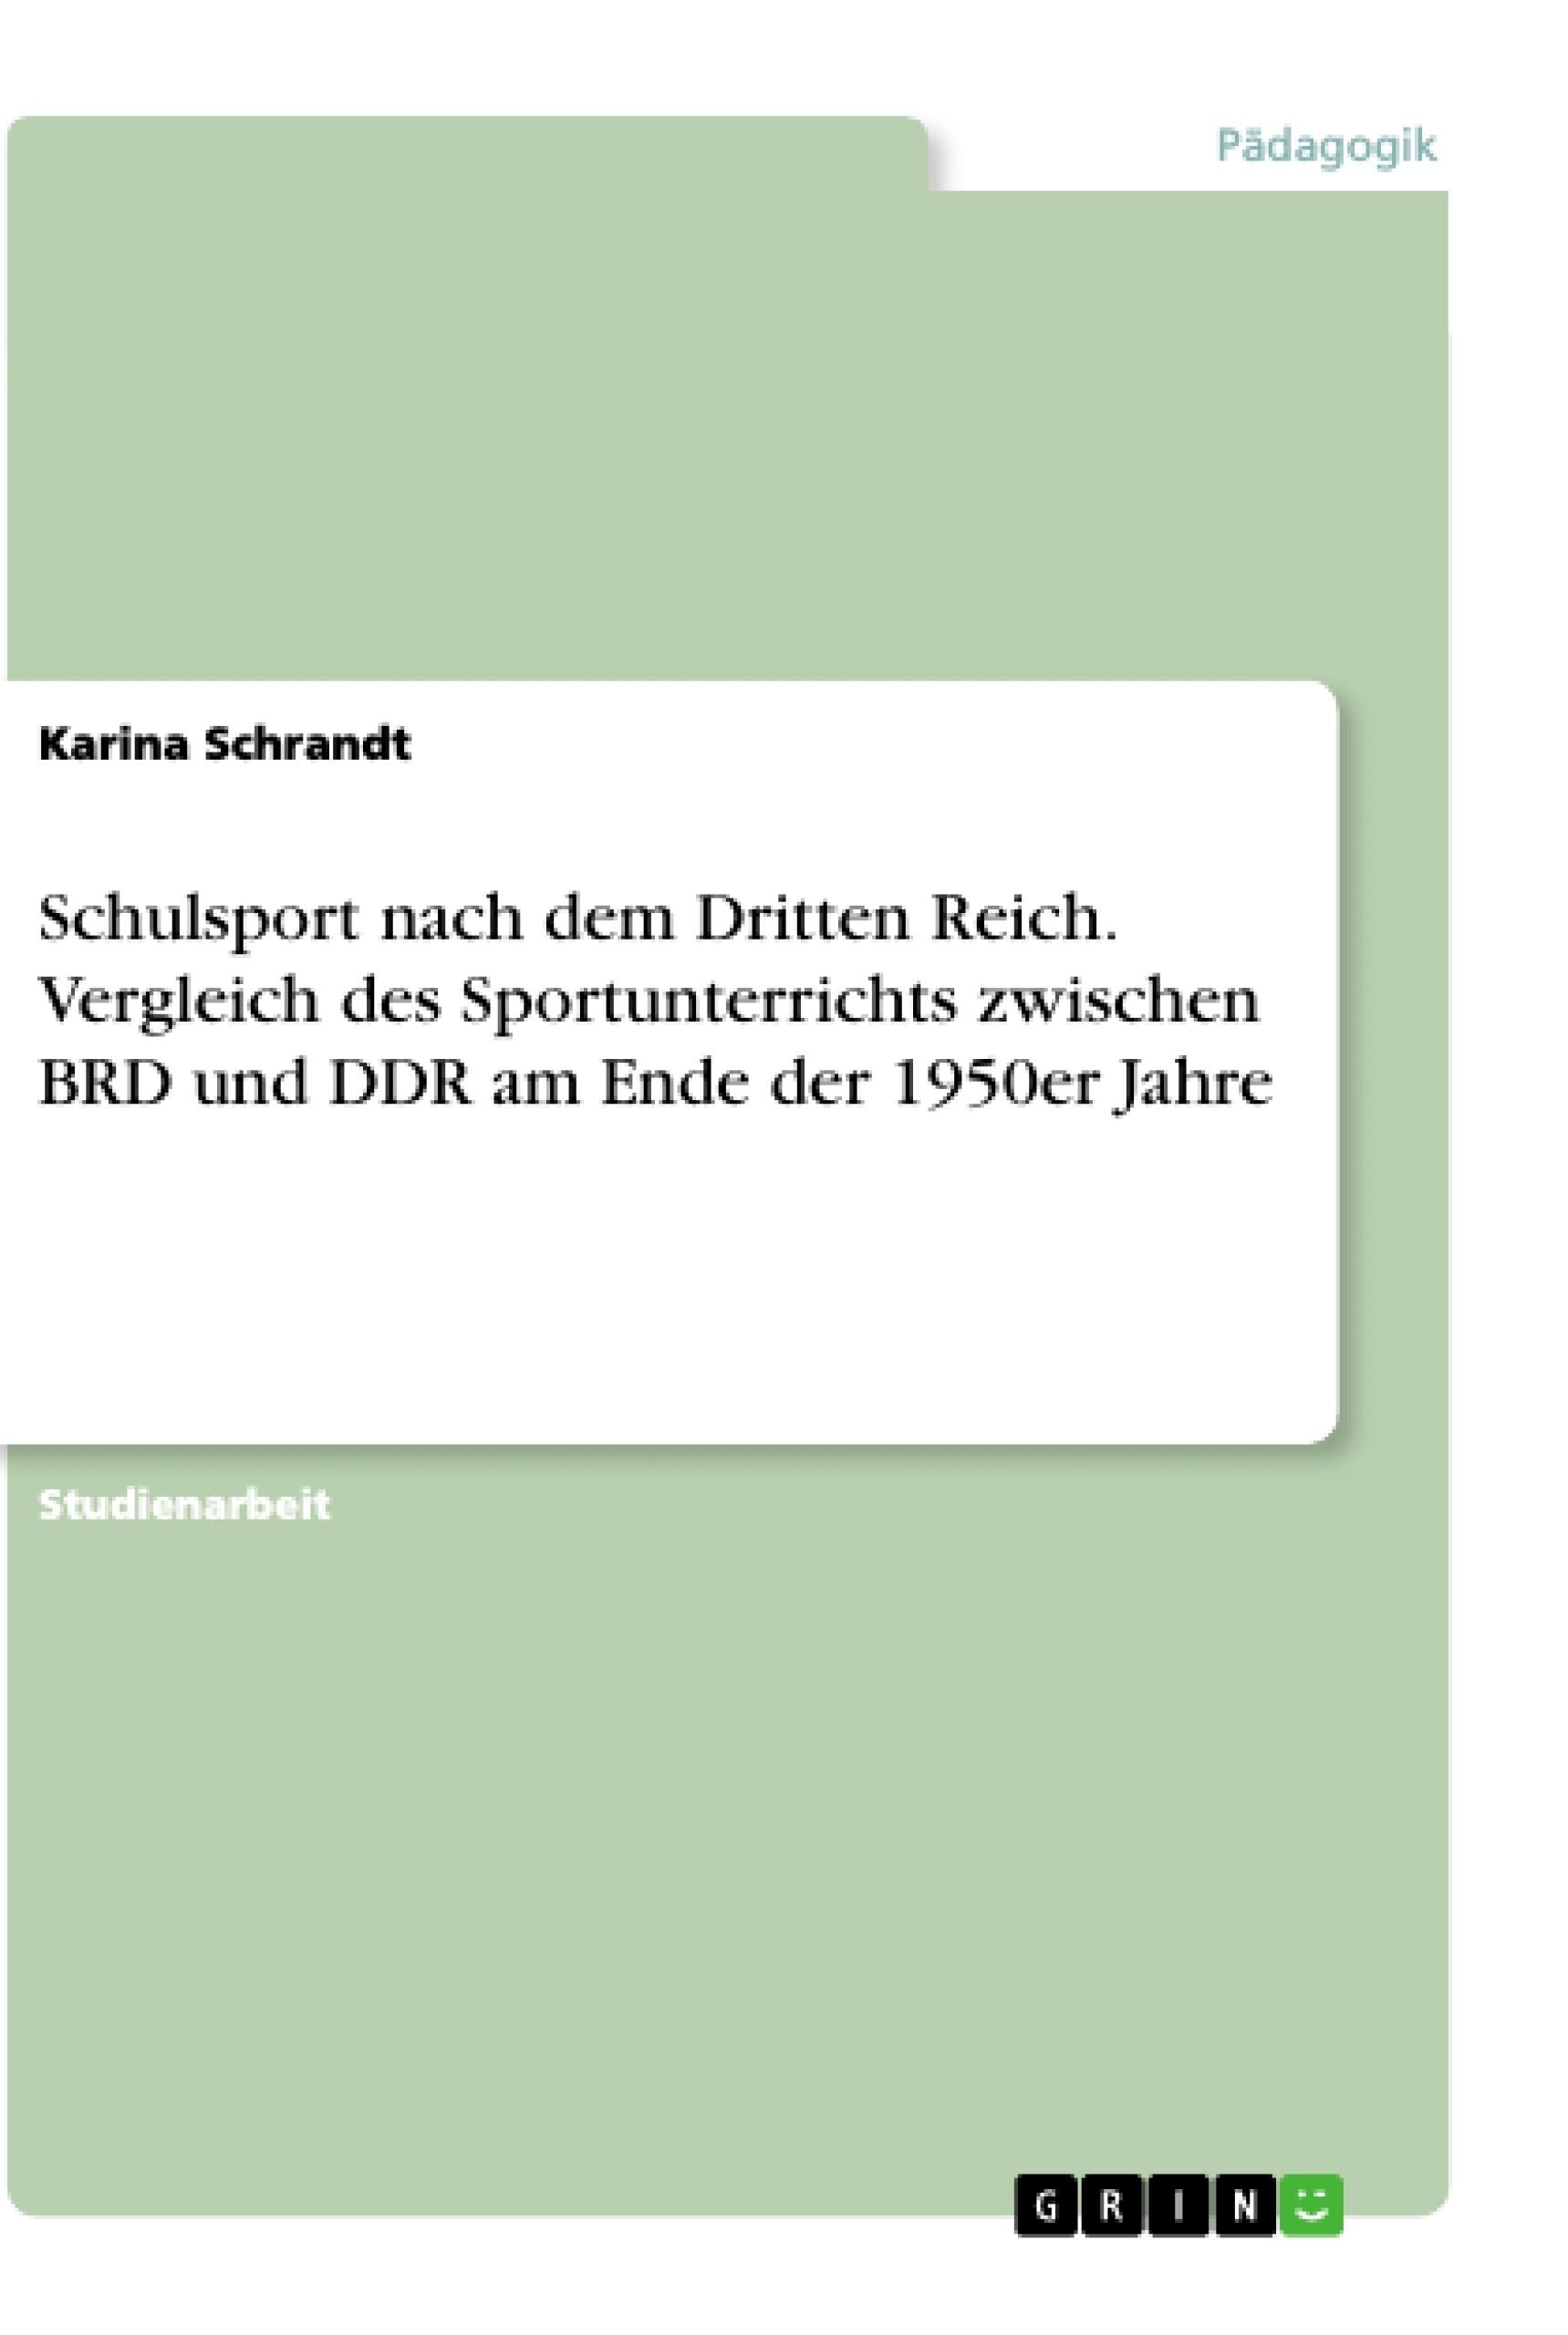 Titel: Schulsport nach dem Dritten Reich. Vergleich des Sportunterrichts zwischen BRD und DDR am Ende der 1950er Jahre